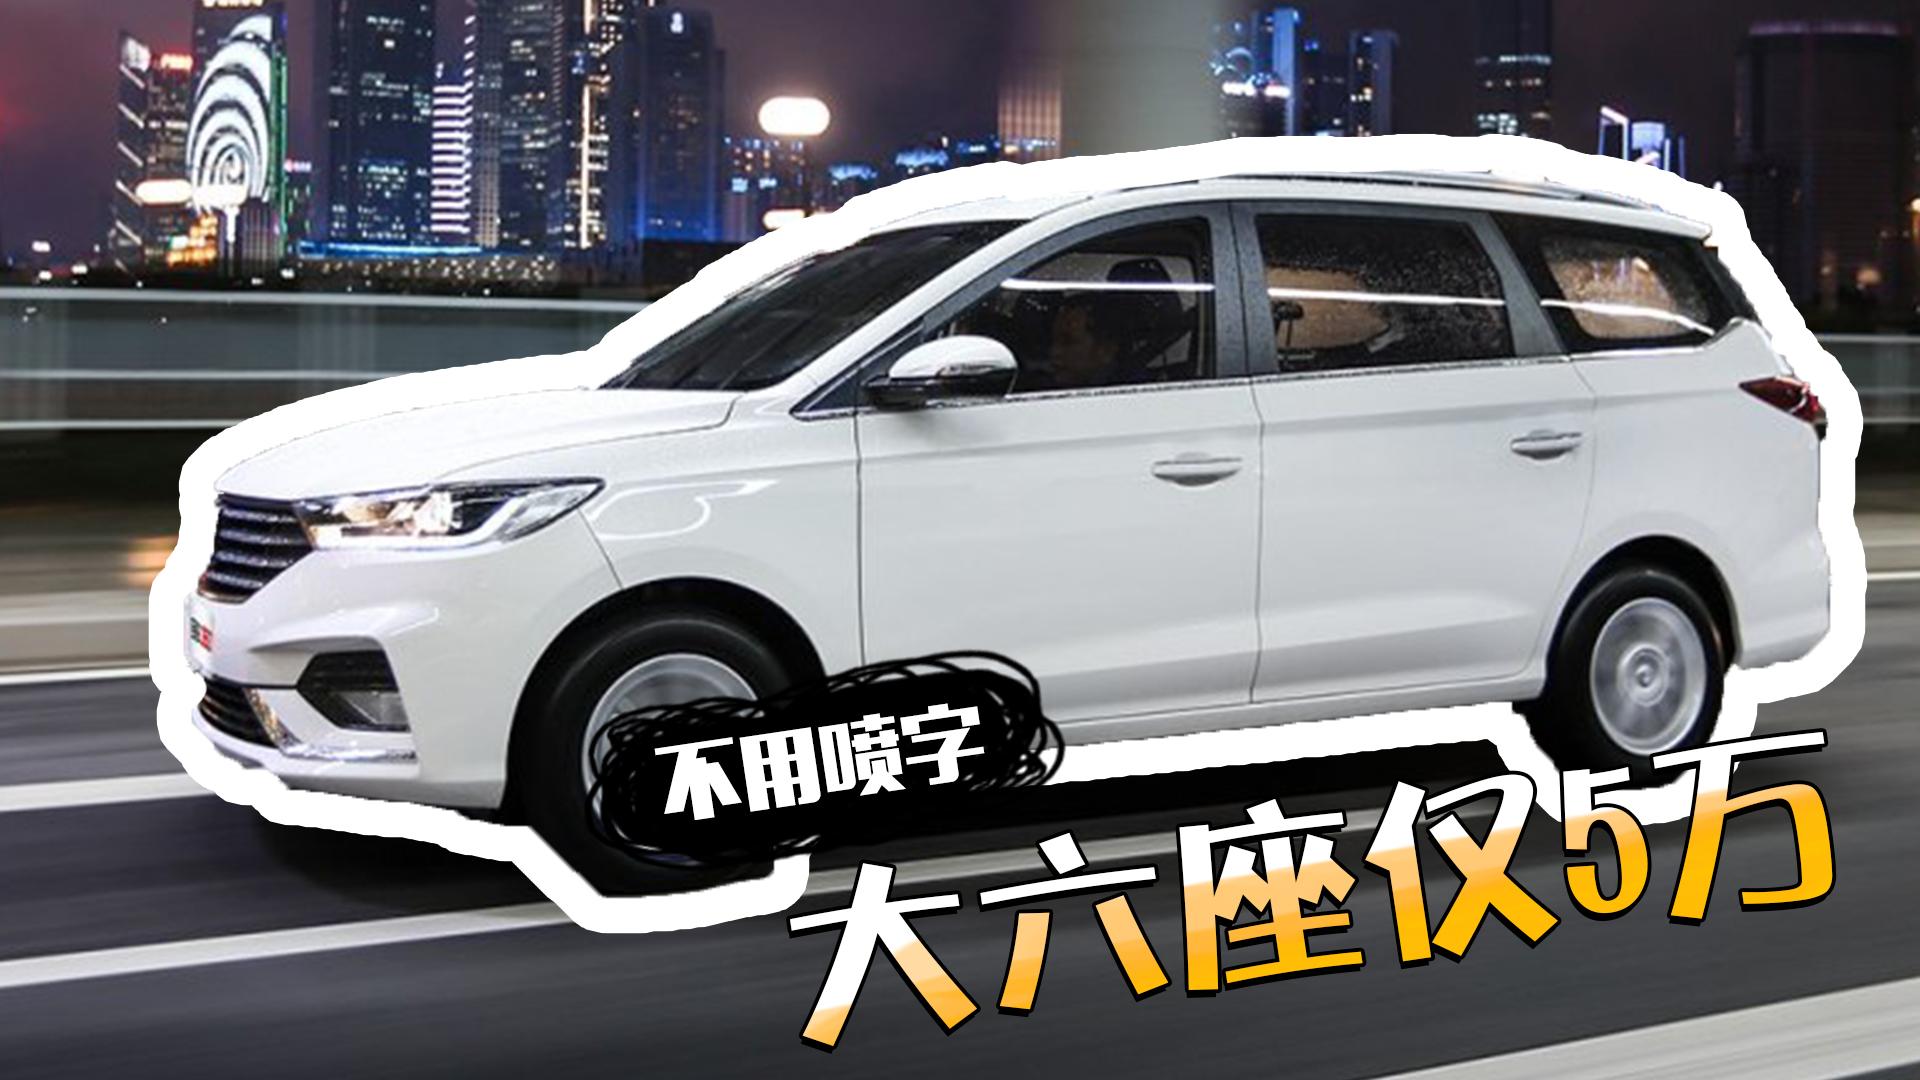 北京车展抢先看:大红鹰国际娱乐360或售5万,剑指比亚迪宋MAX